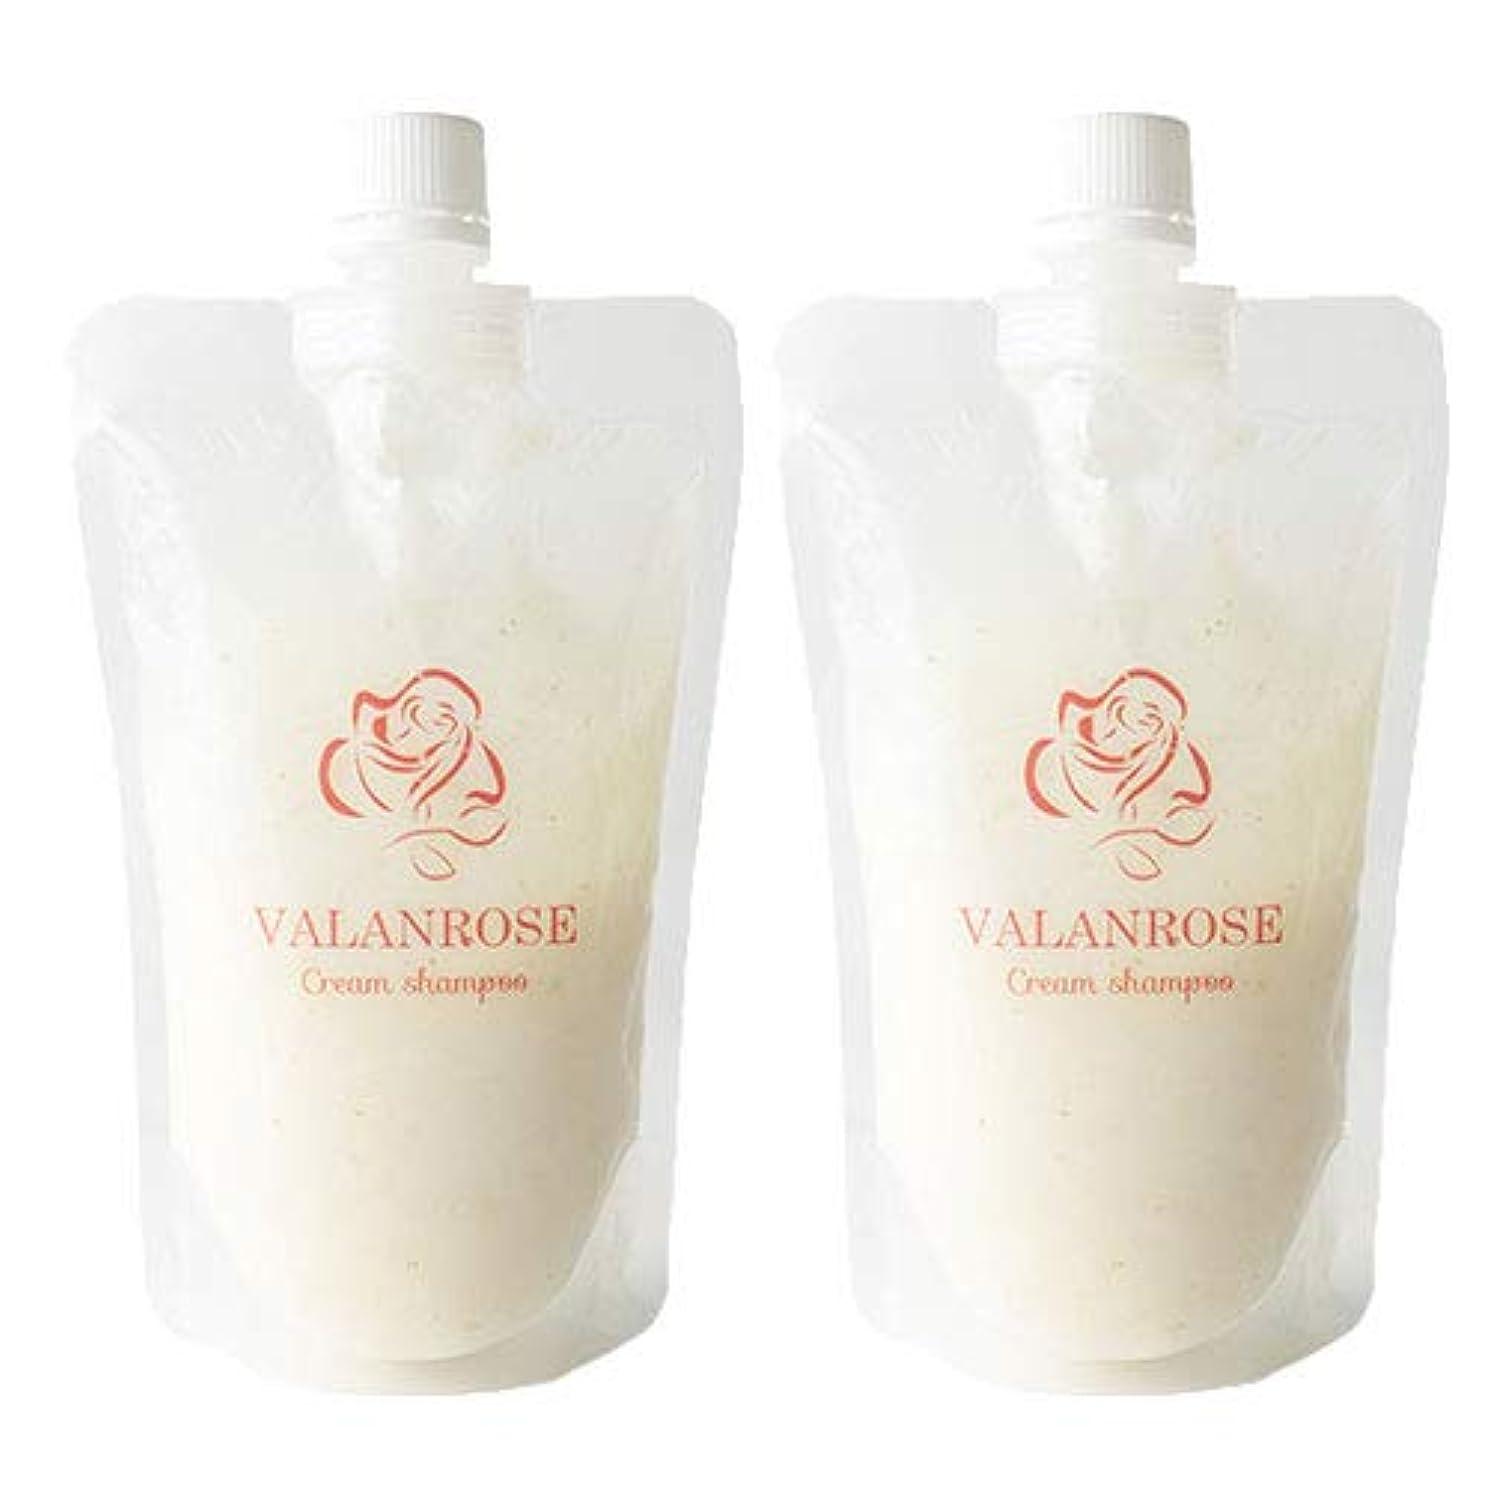 行うアウターオゾンバランローズ クリームシャンプー2個×1セット VALANROSE Cream shampoo/シャンプー クリームシャンプー 髪 ヘアケア